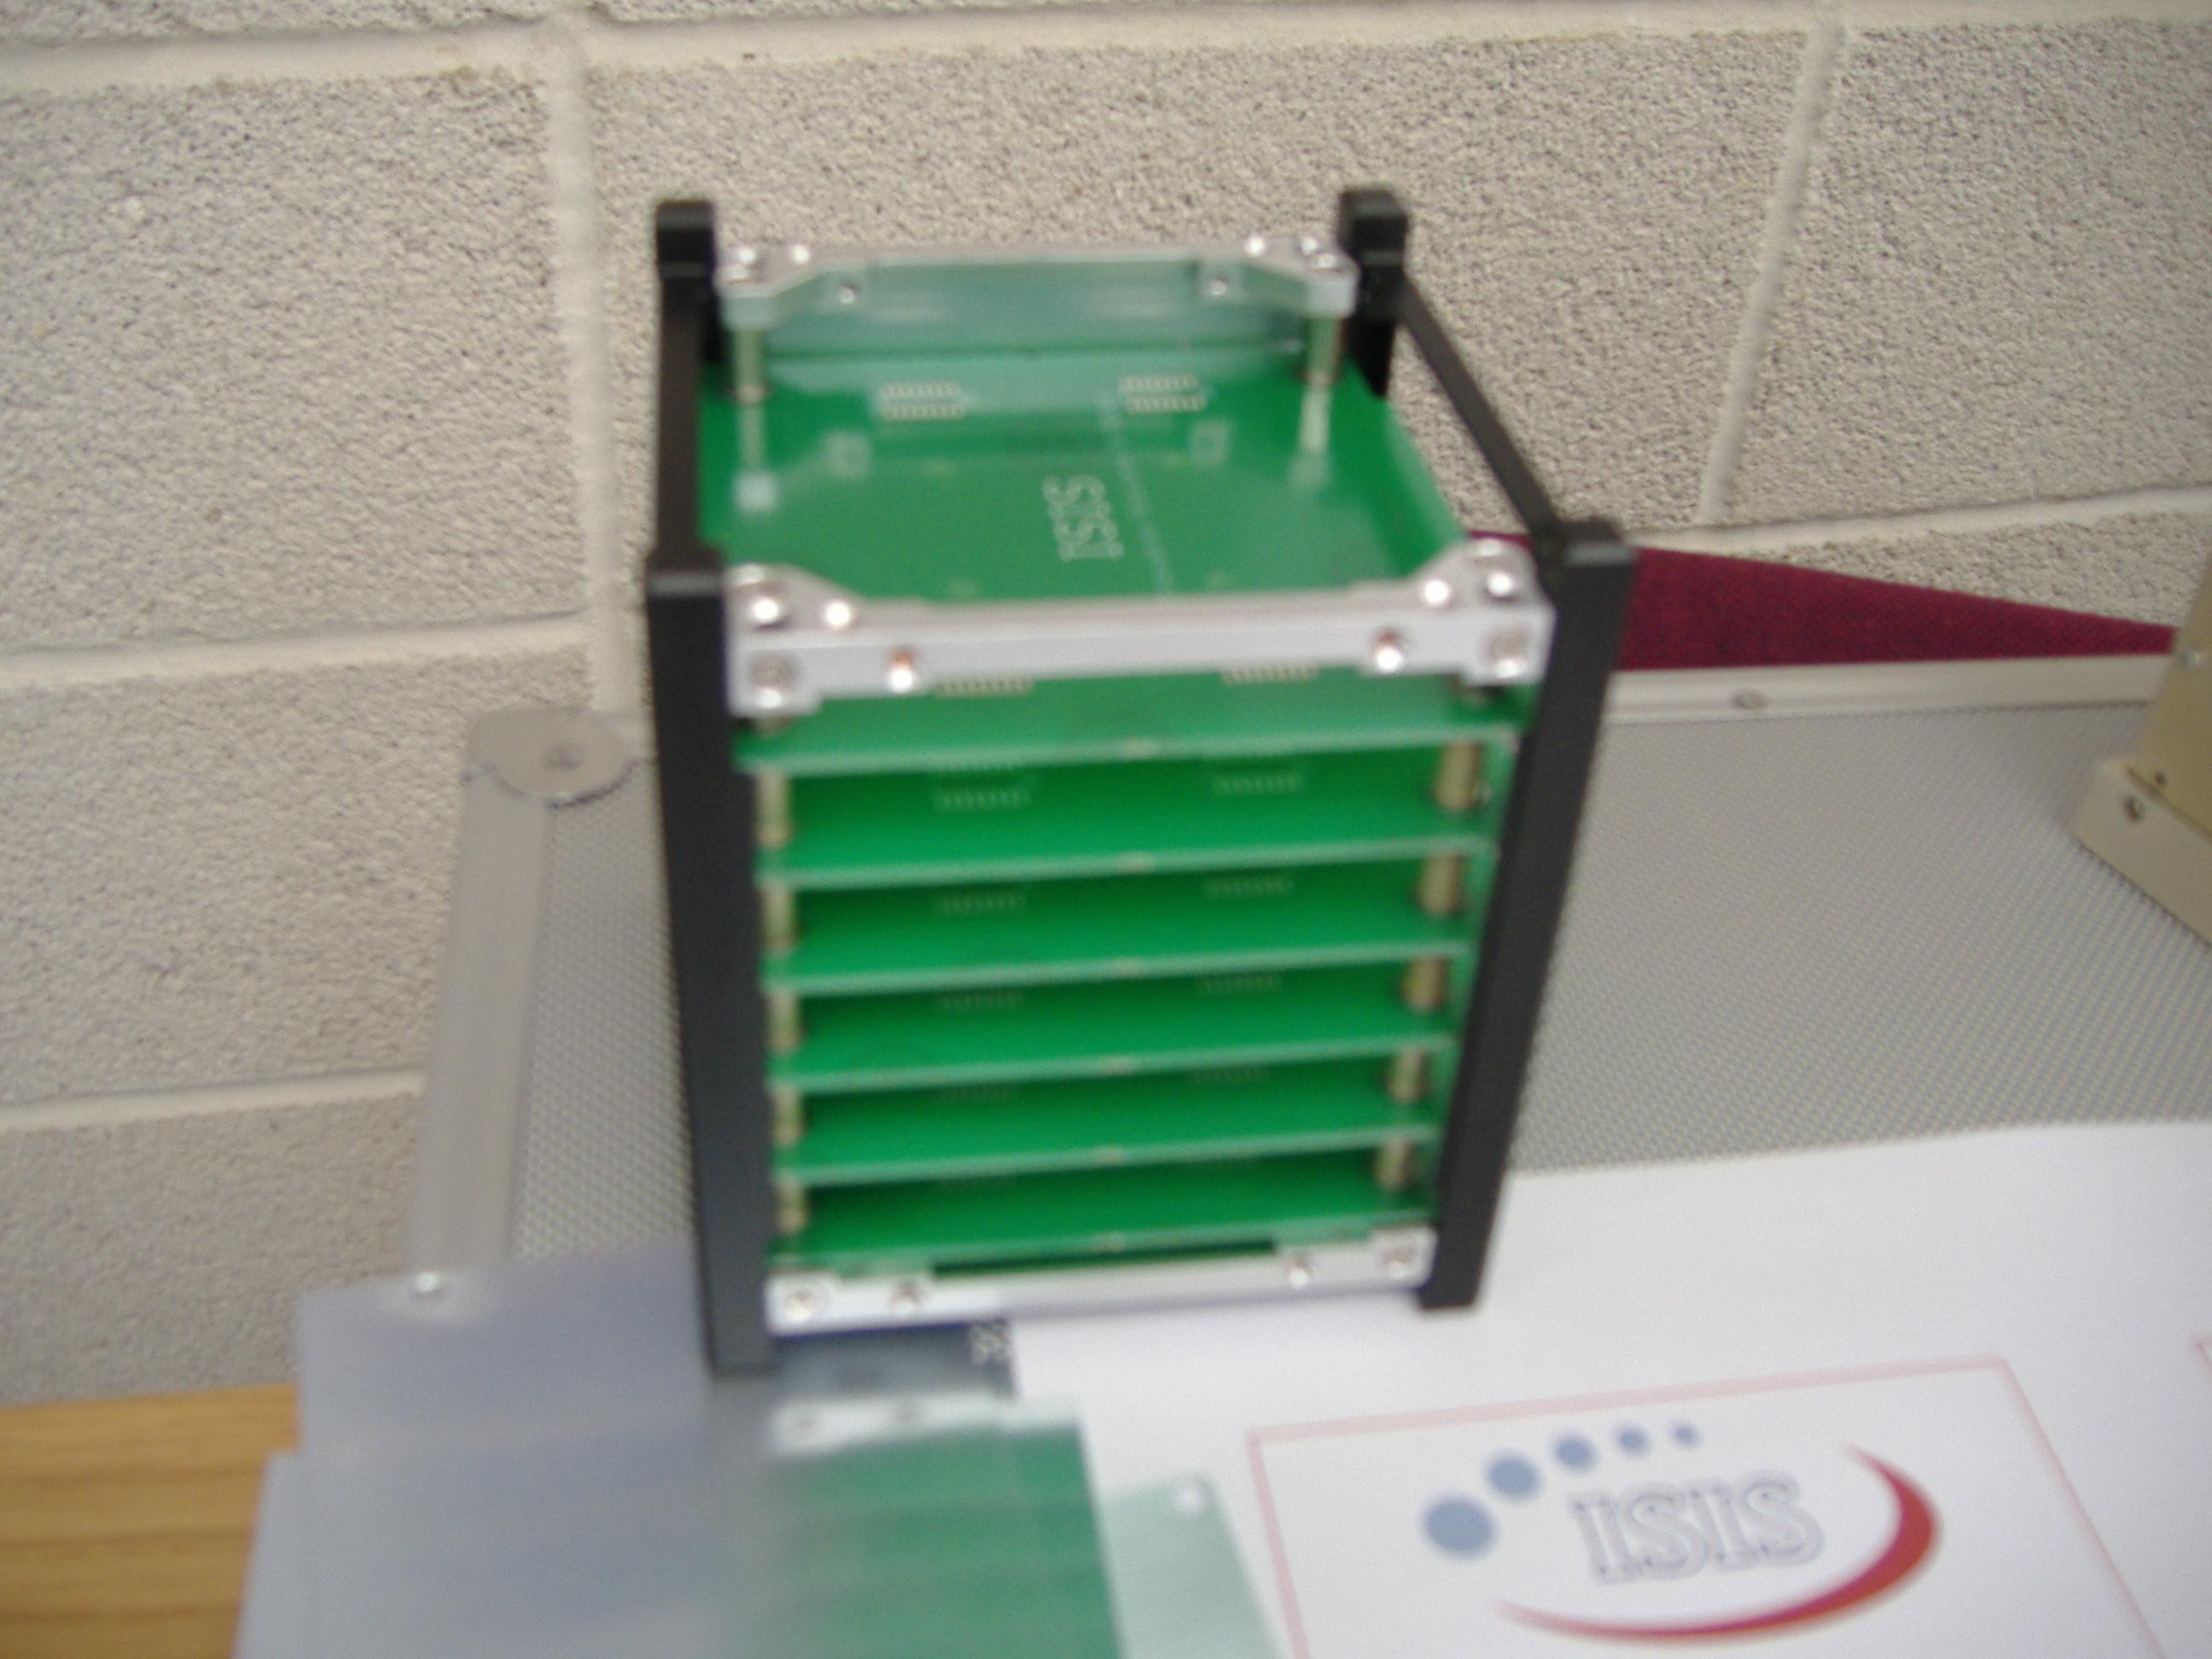 CubeSat: Amsat Colloquium 2007